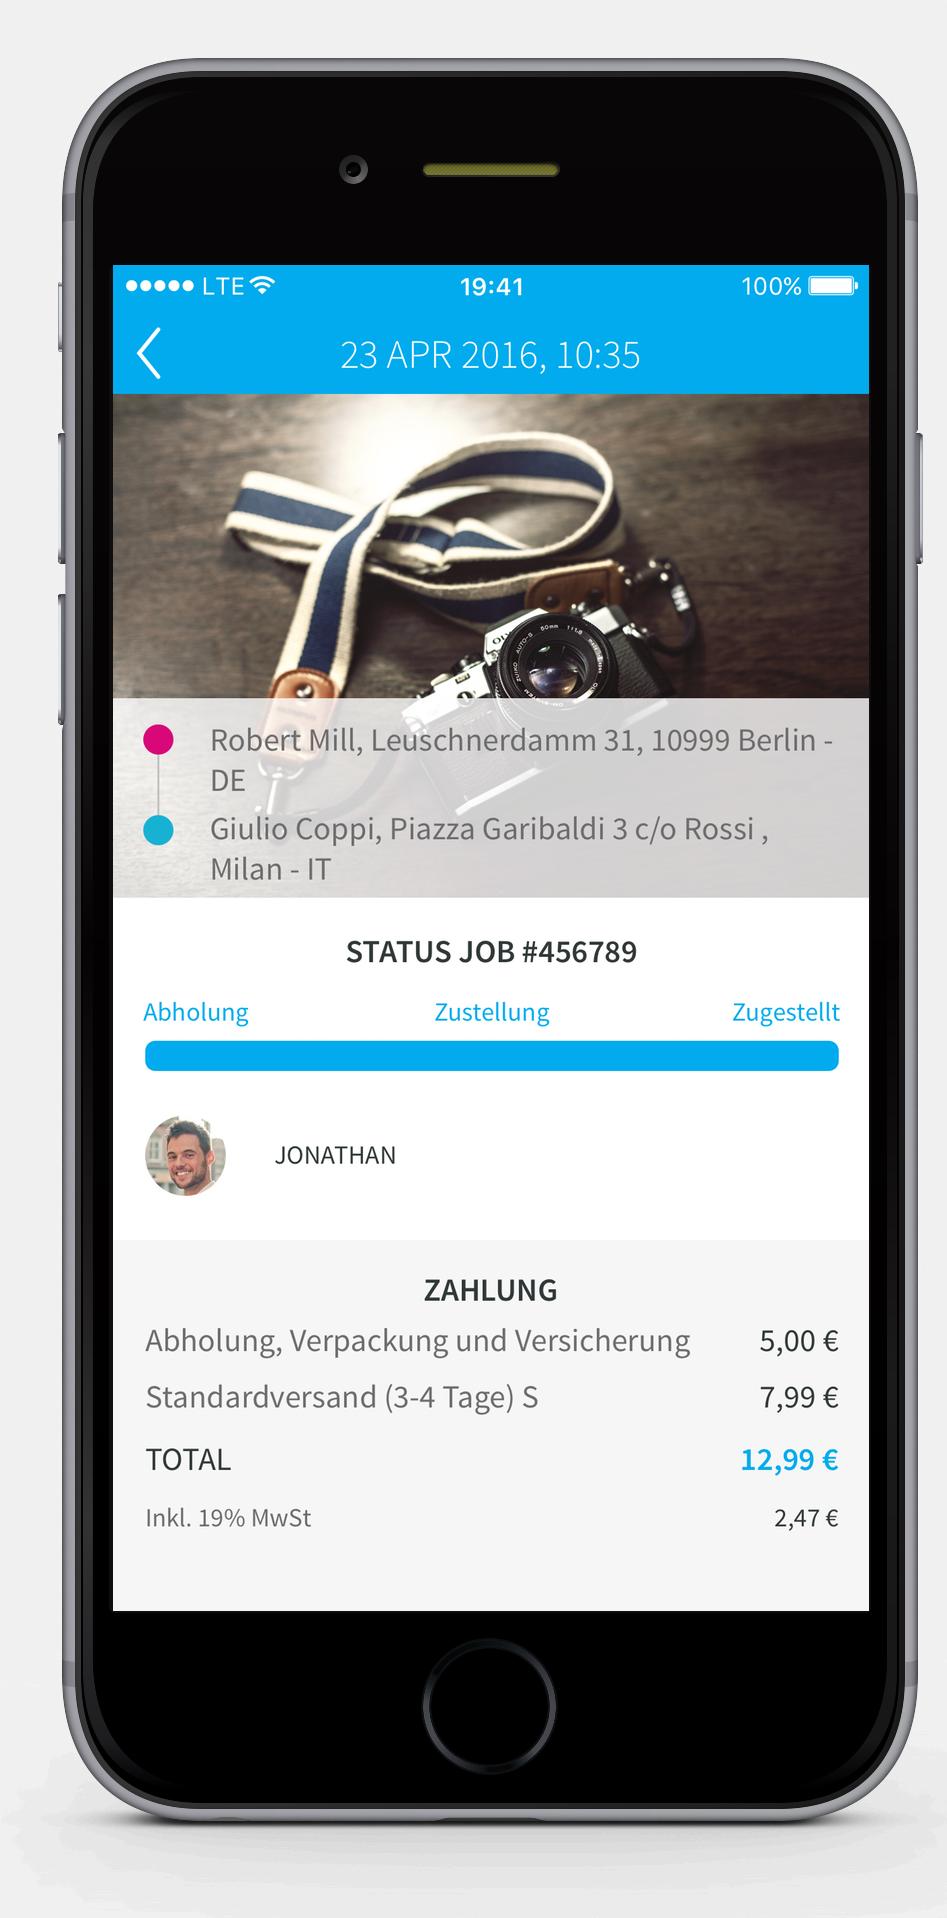 iPhone_schwarz_jobdetails.png